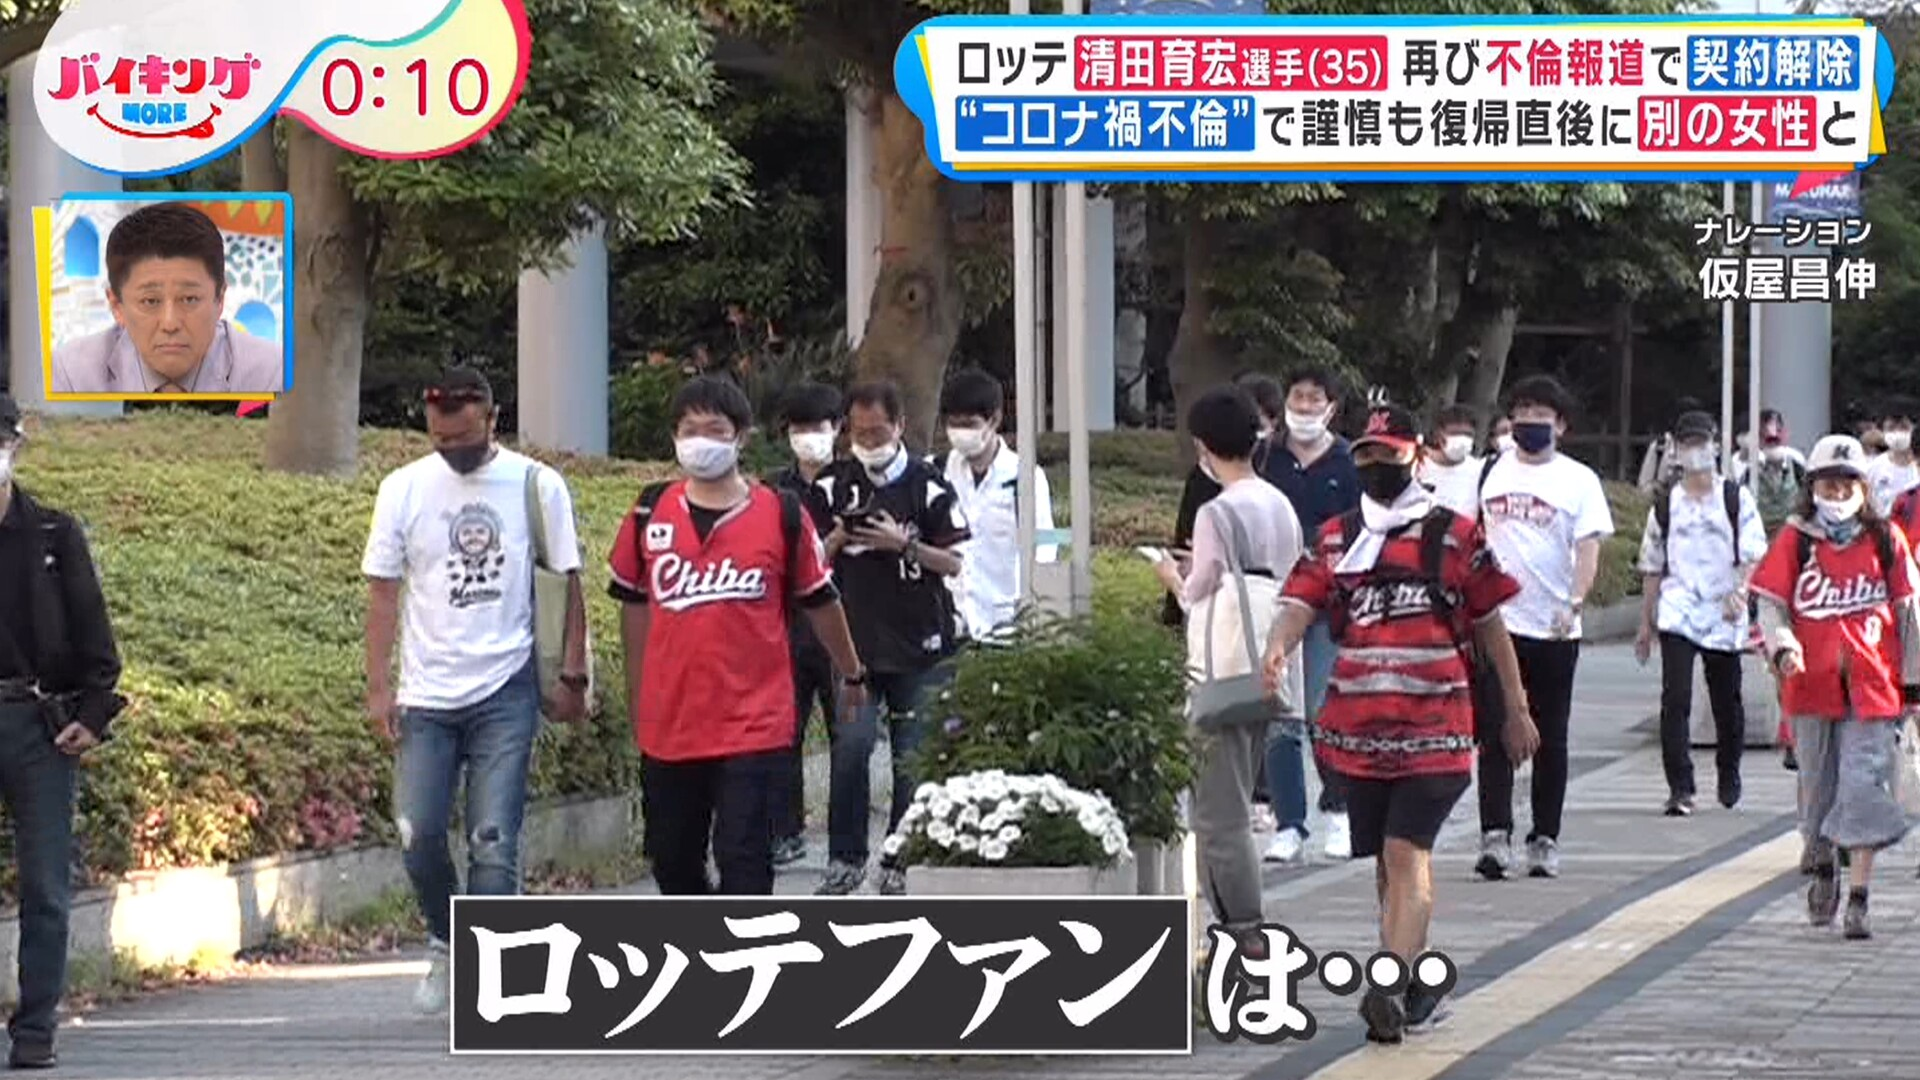 バイキング、清田の件でロッテファンに突撃取材wwww